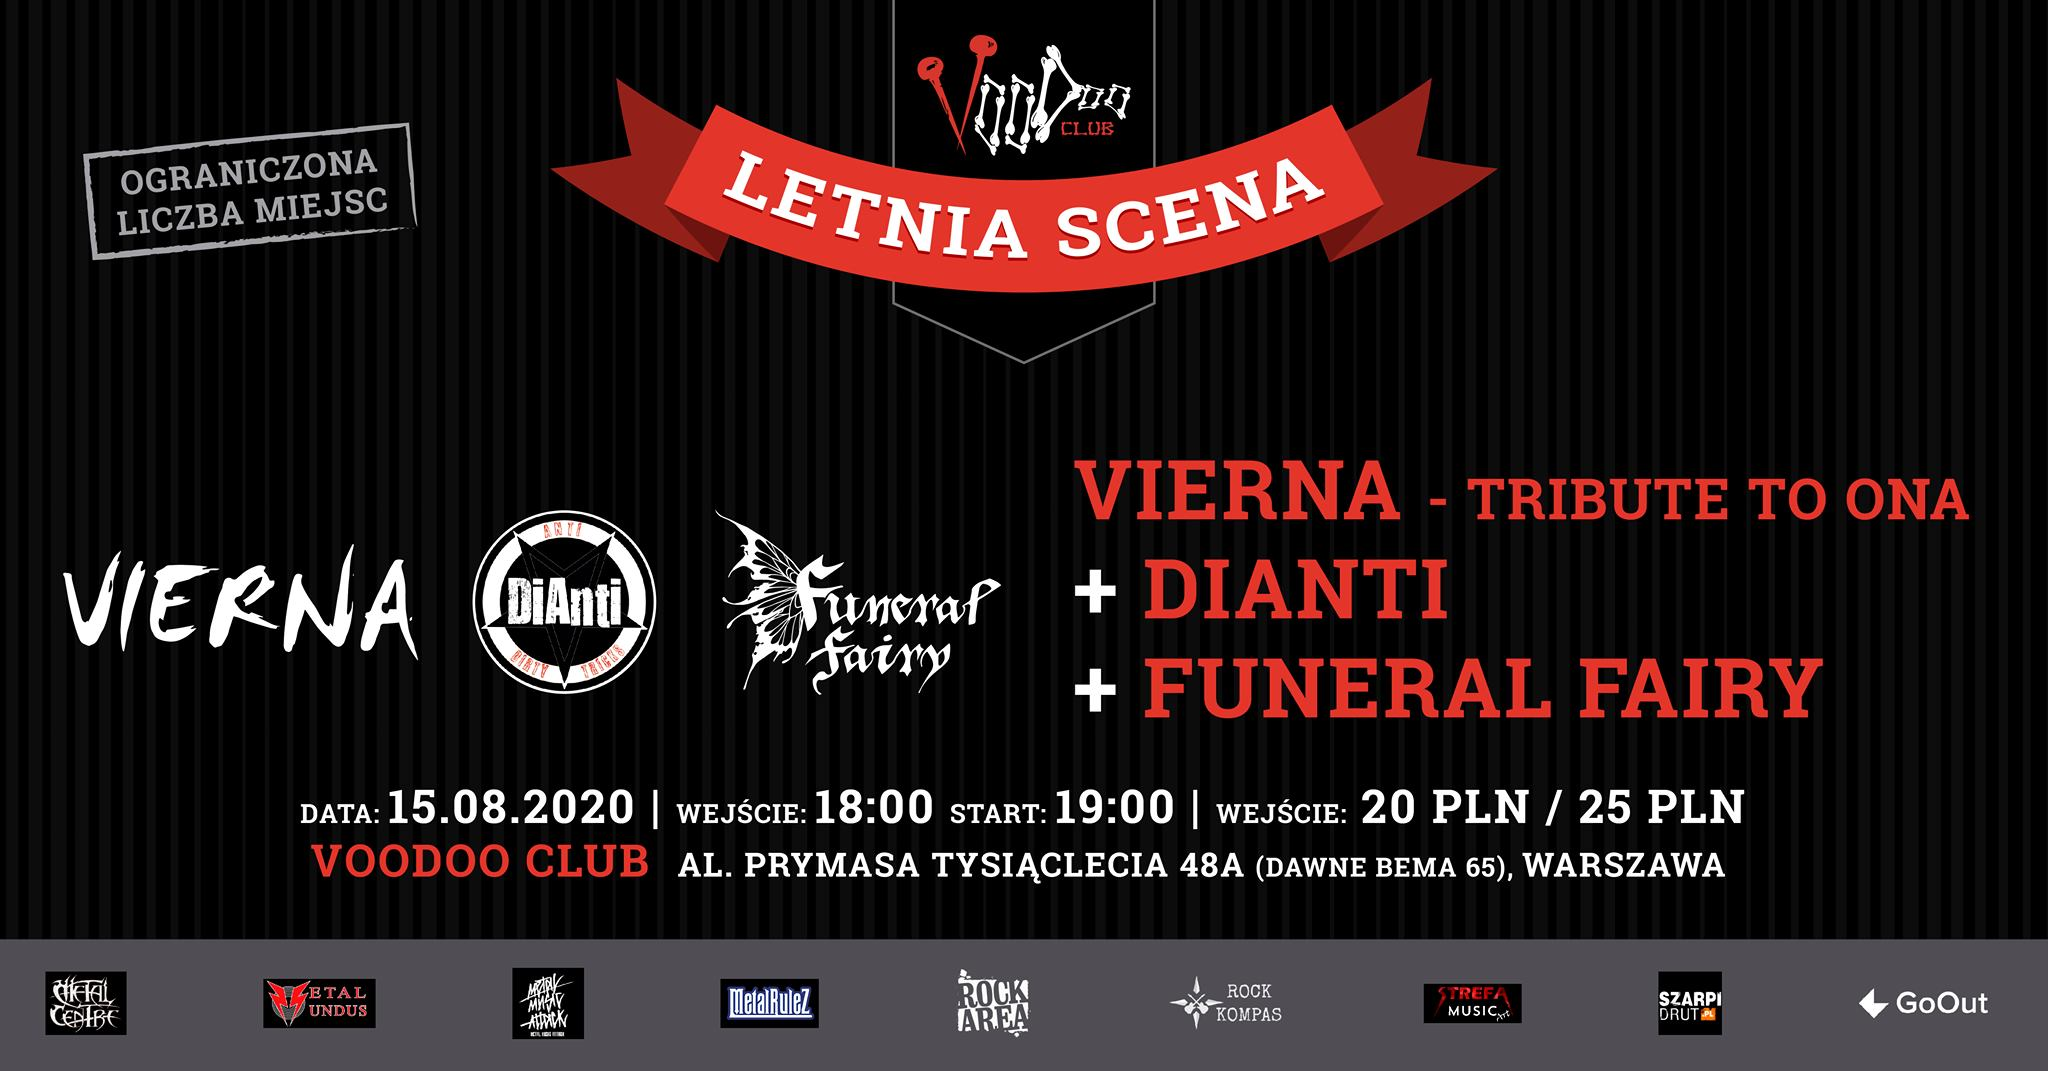 Vierna - Tribute to O.N.A, Dianti, Funeral Fairy -LetniaScena VD